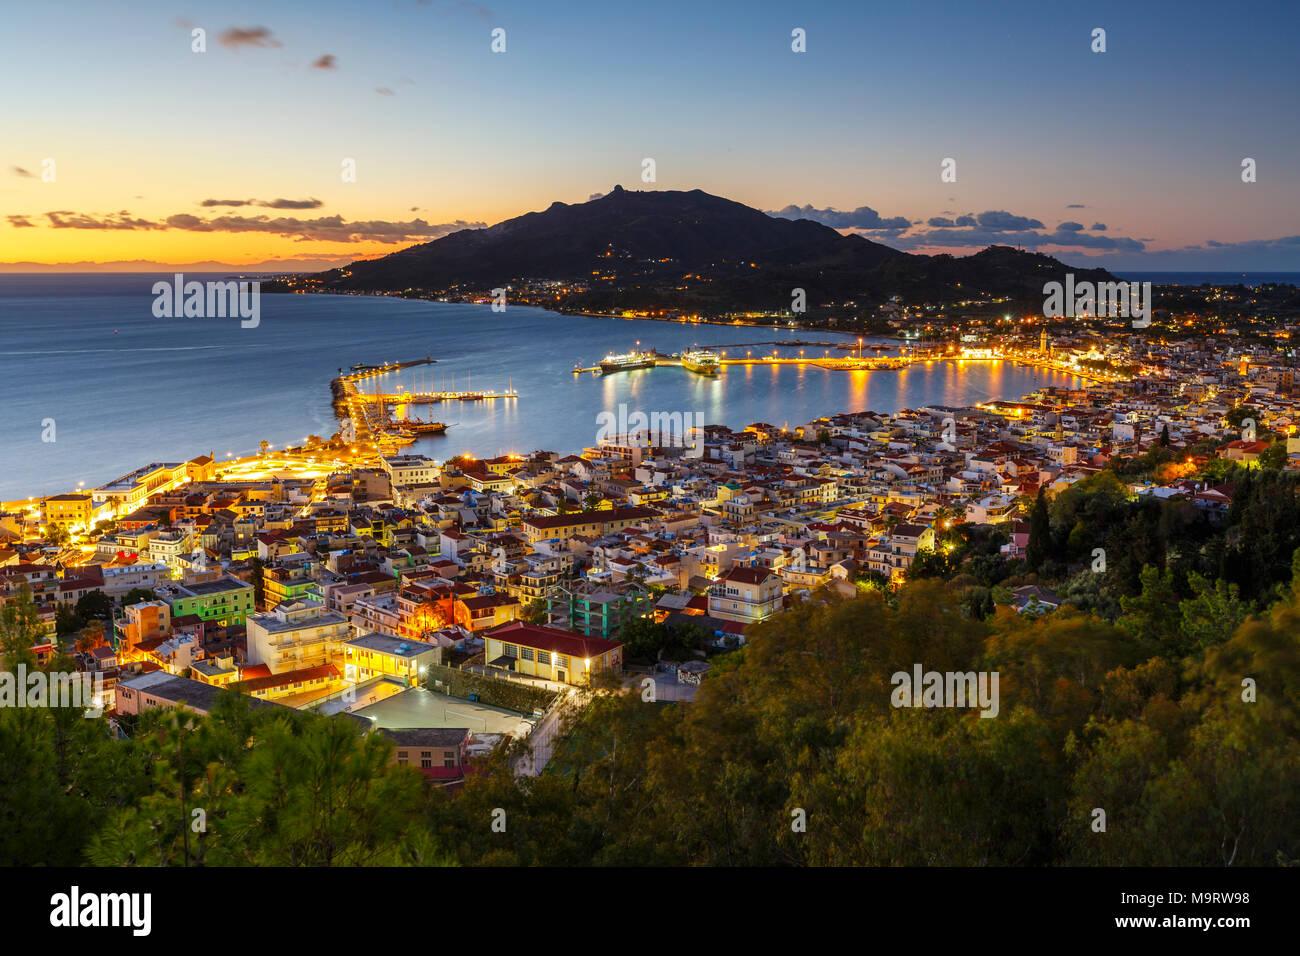 Sunrise over Zante città e del suo porto, Grecia. Immagini Stock